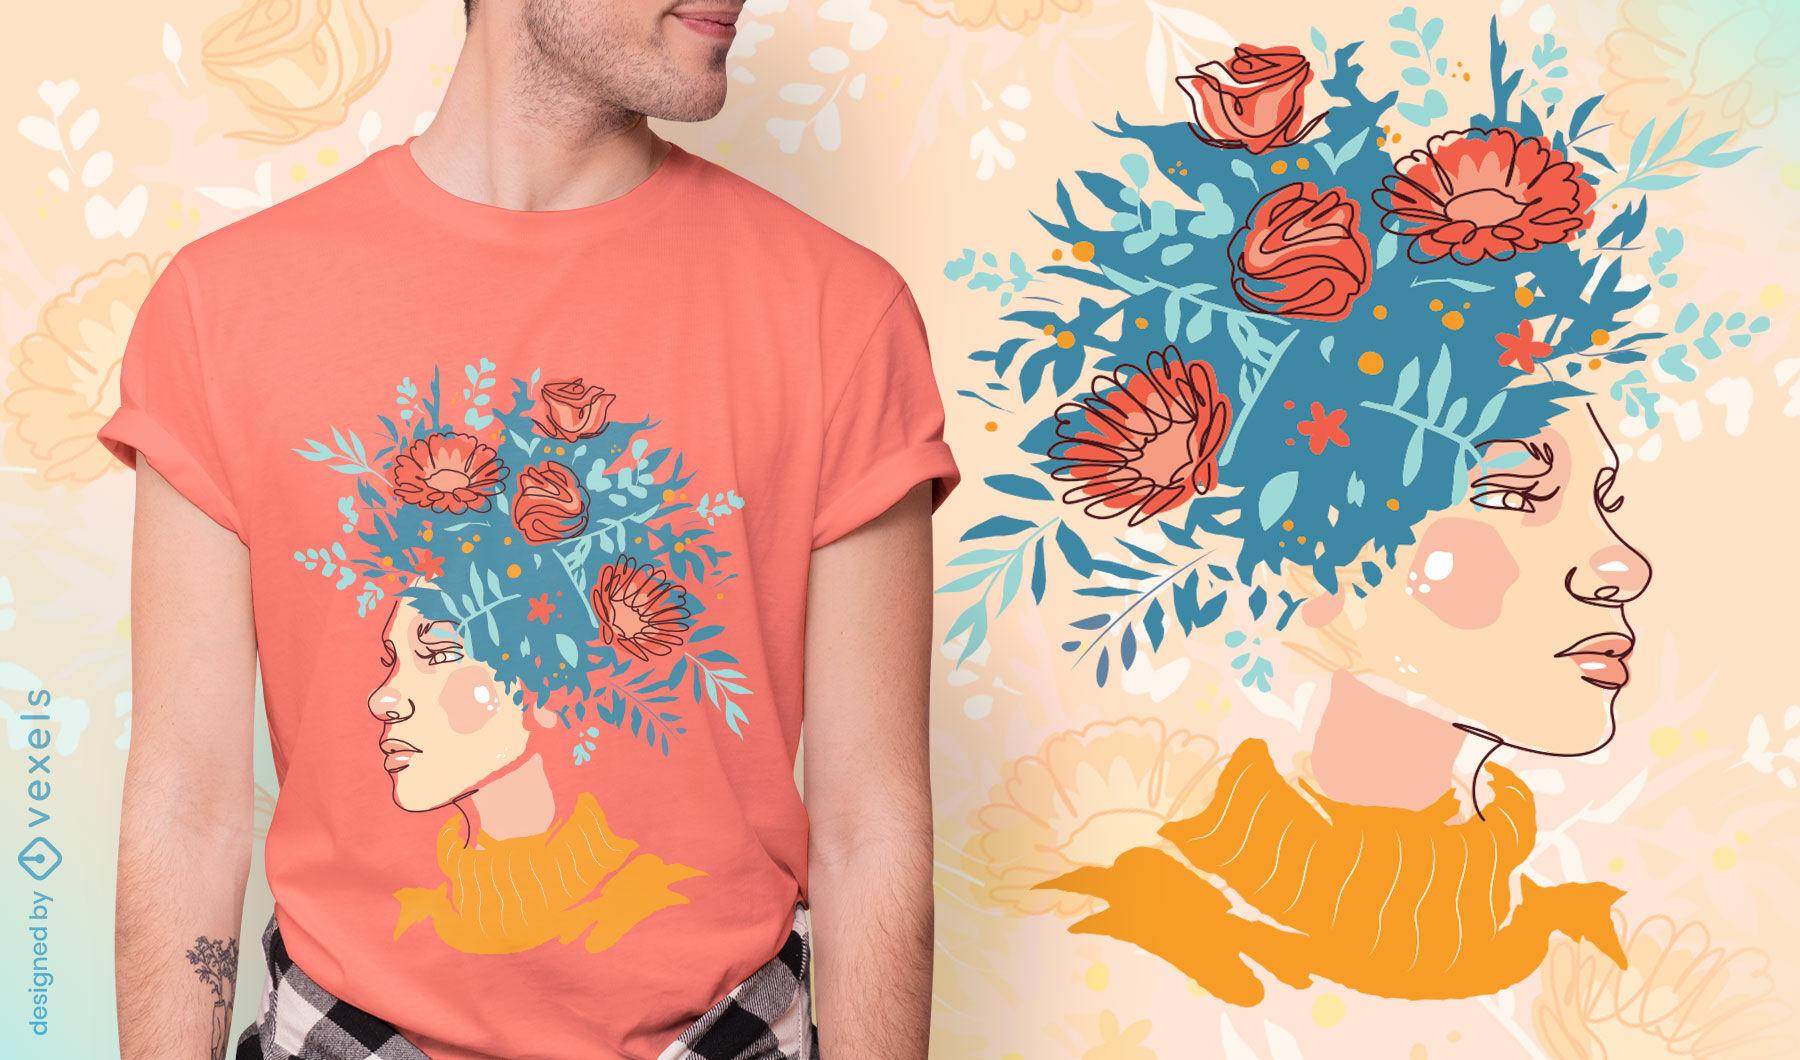 Diseño de camiseta de niña con flores en el pelo